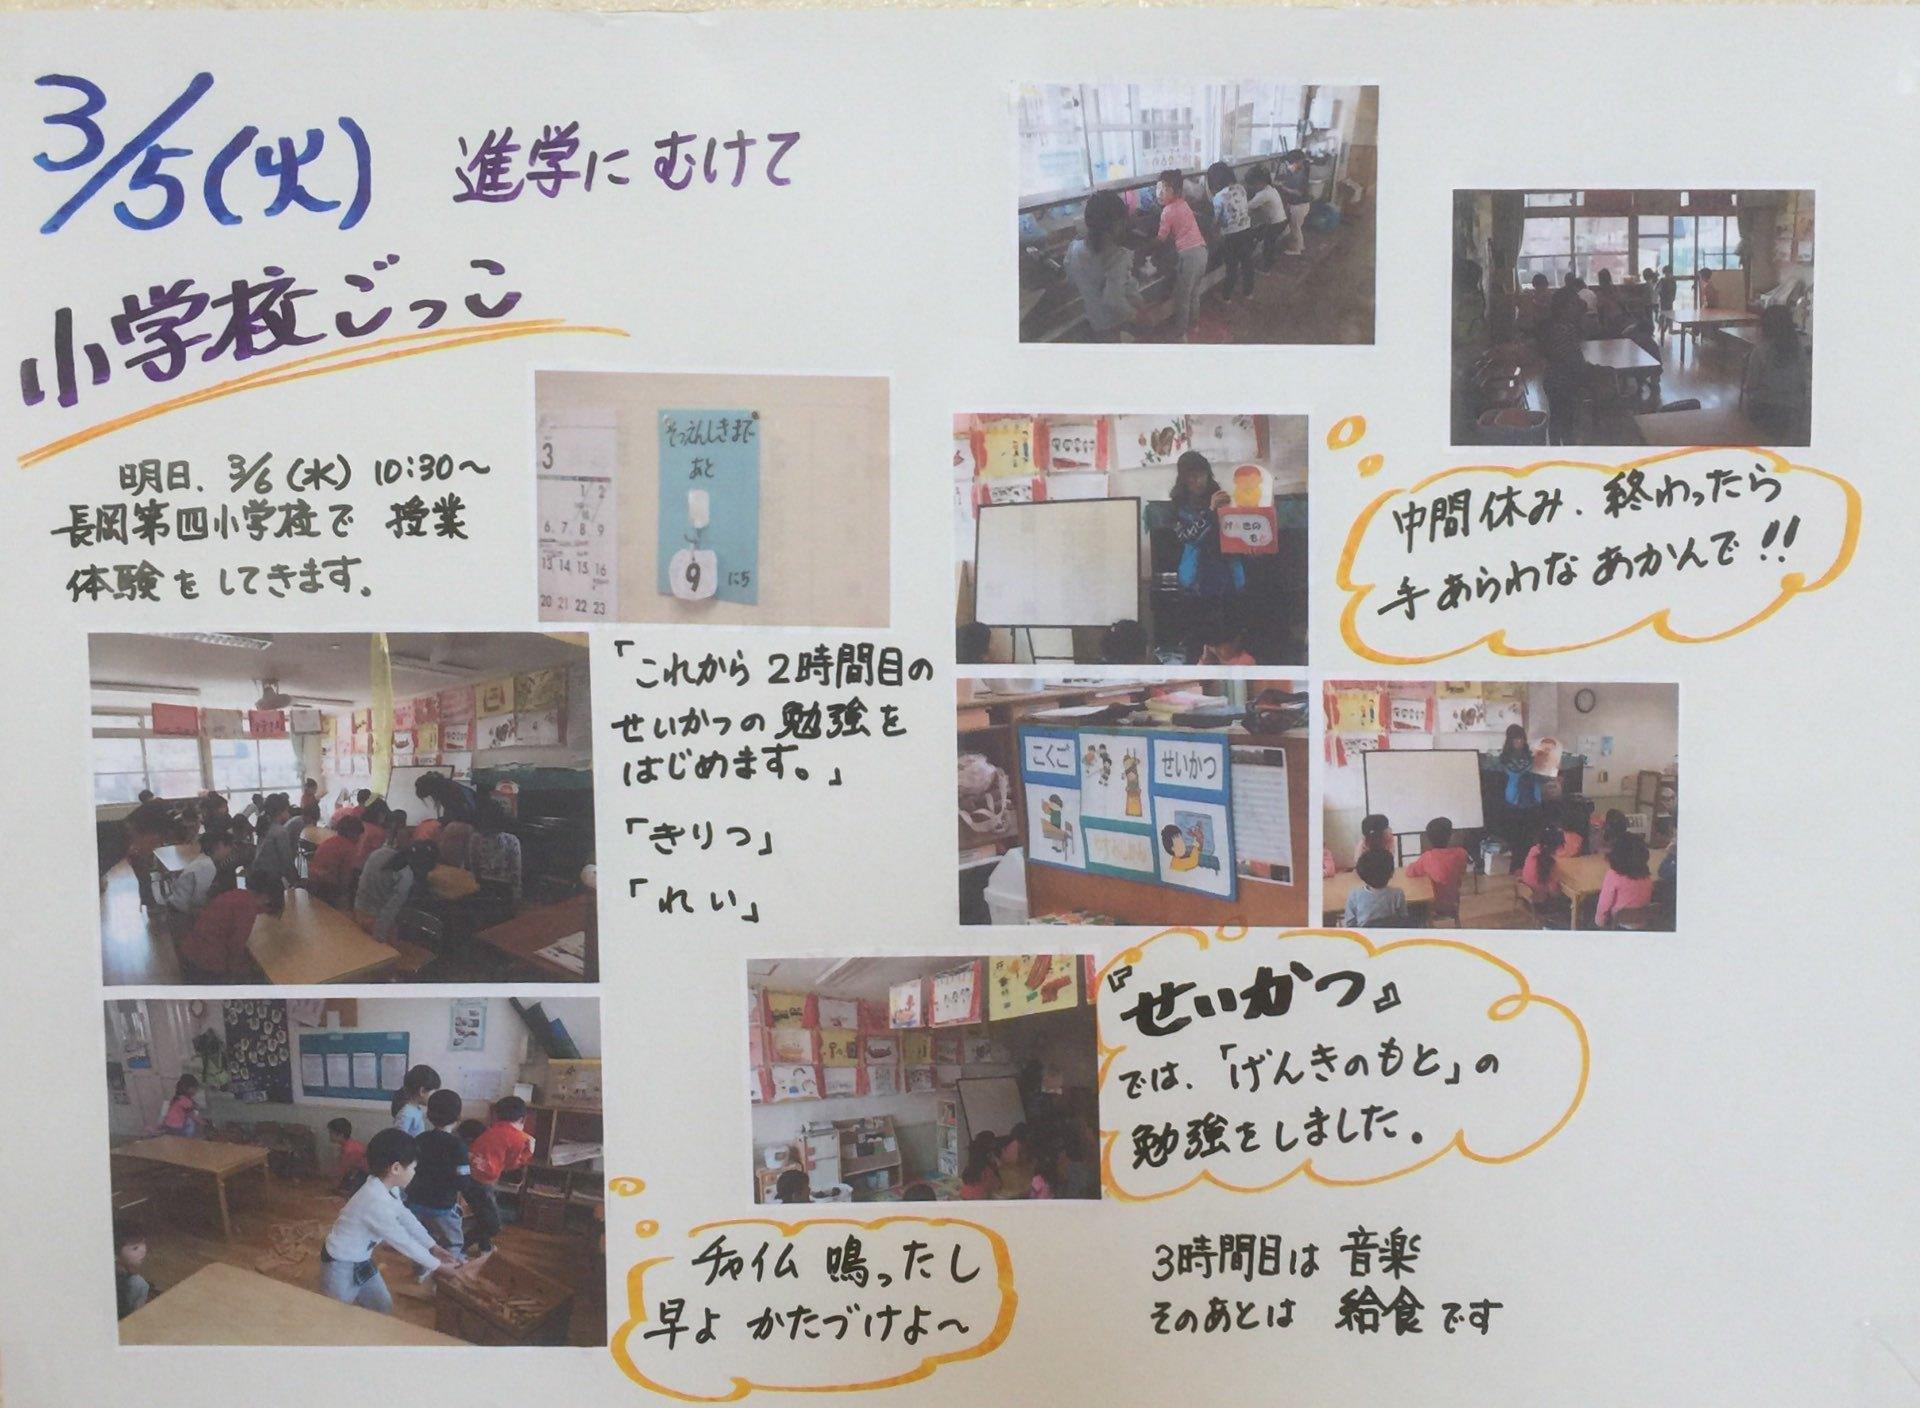 3.5小学校体験